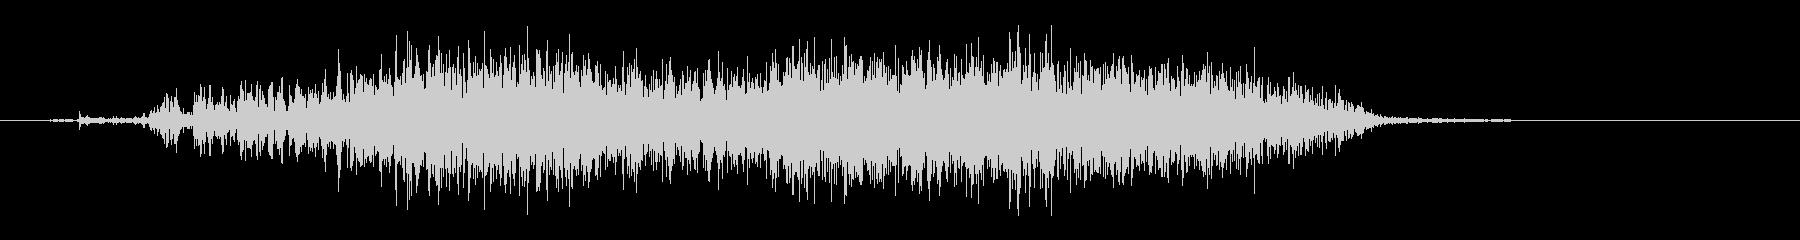 スゥーッ(紙を裂いたような音)の未再生の波形